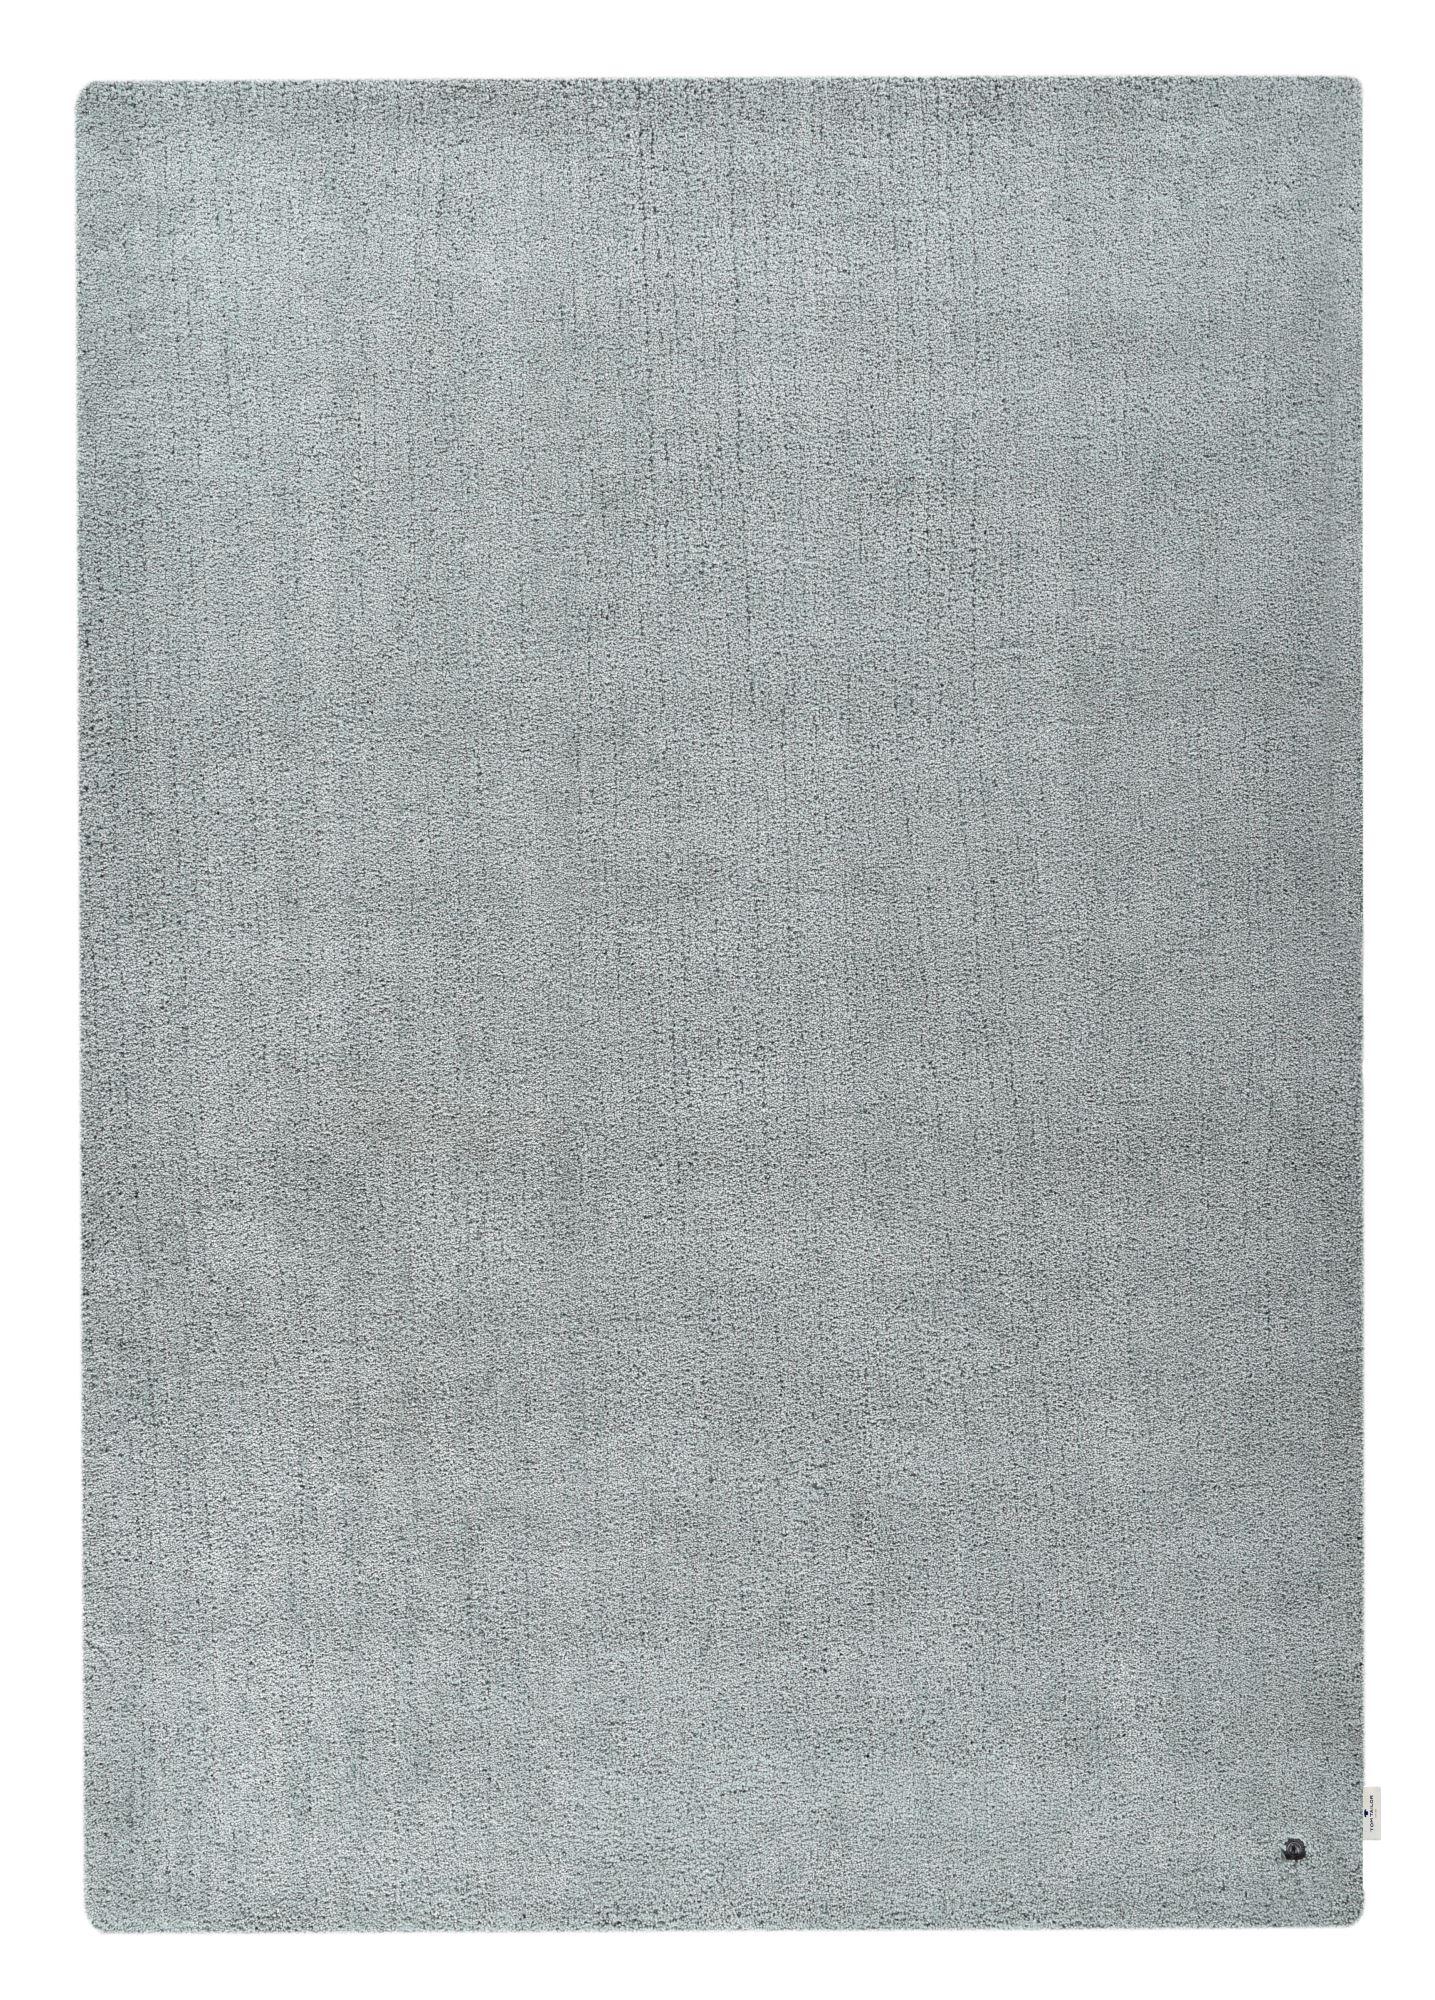 Tapis shaggy - tufté à la main - en polyester - menthe 140x200 cm